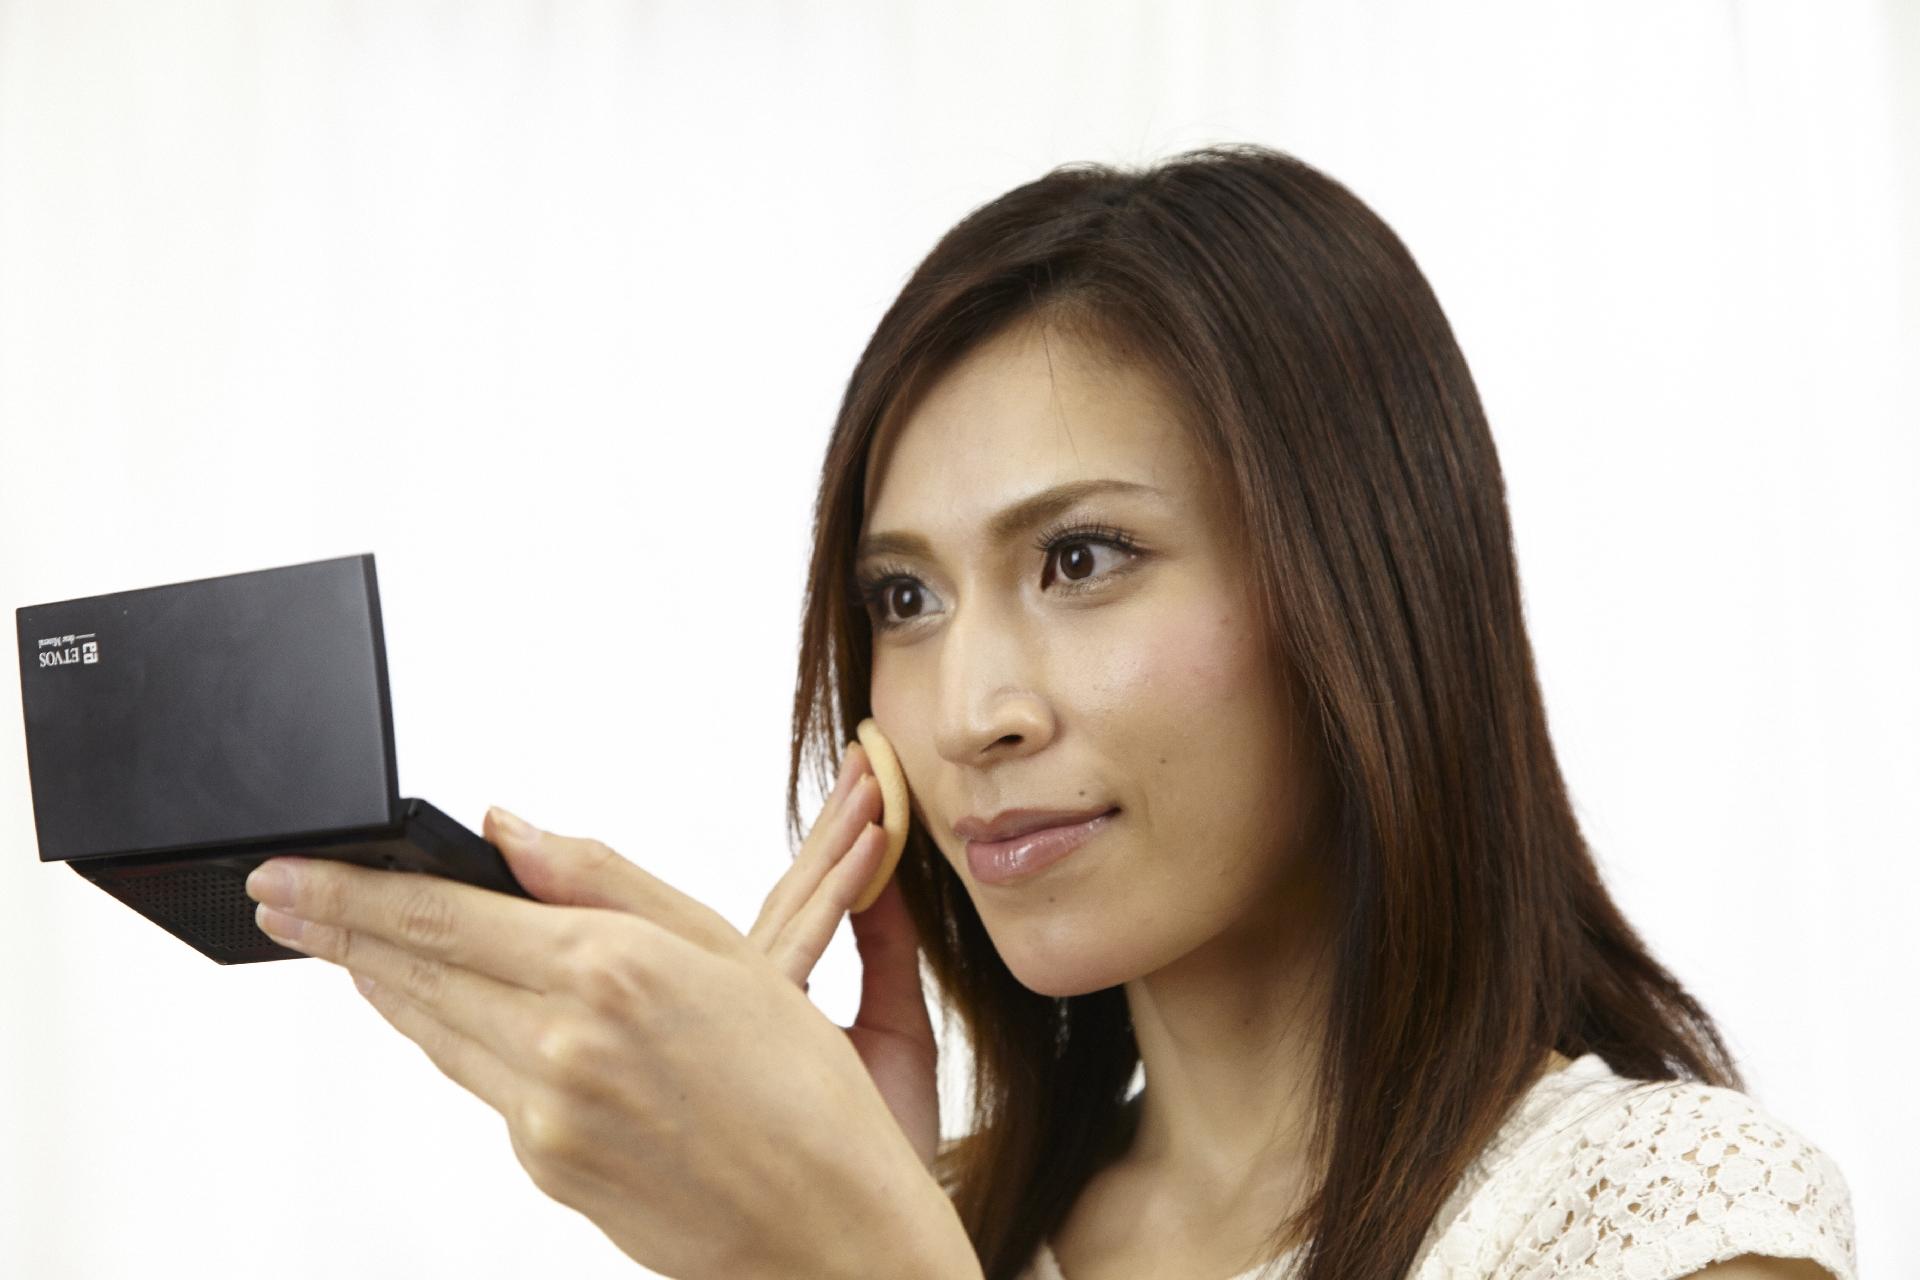 家庭訪問では化粧すべき?しないべき?母親が守りたいマナーとは